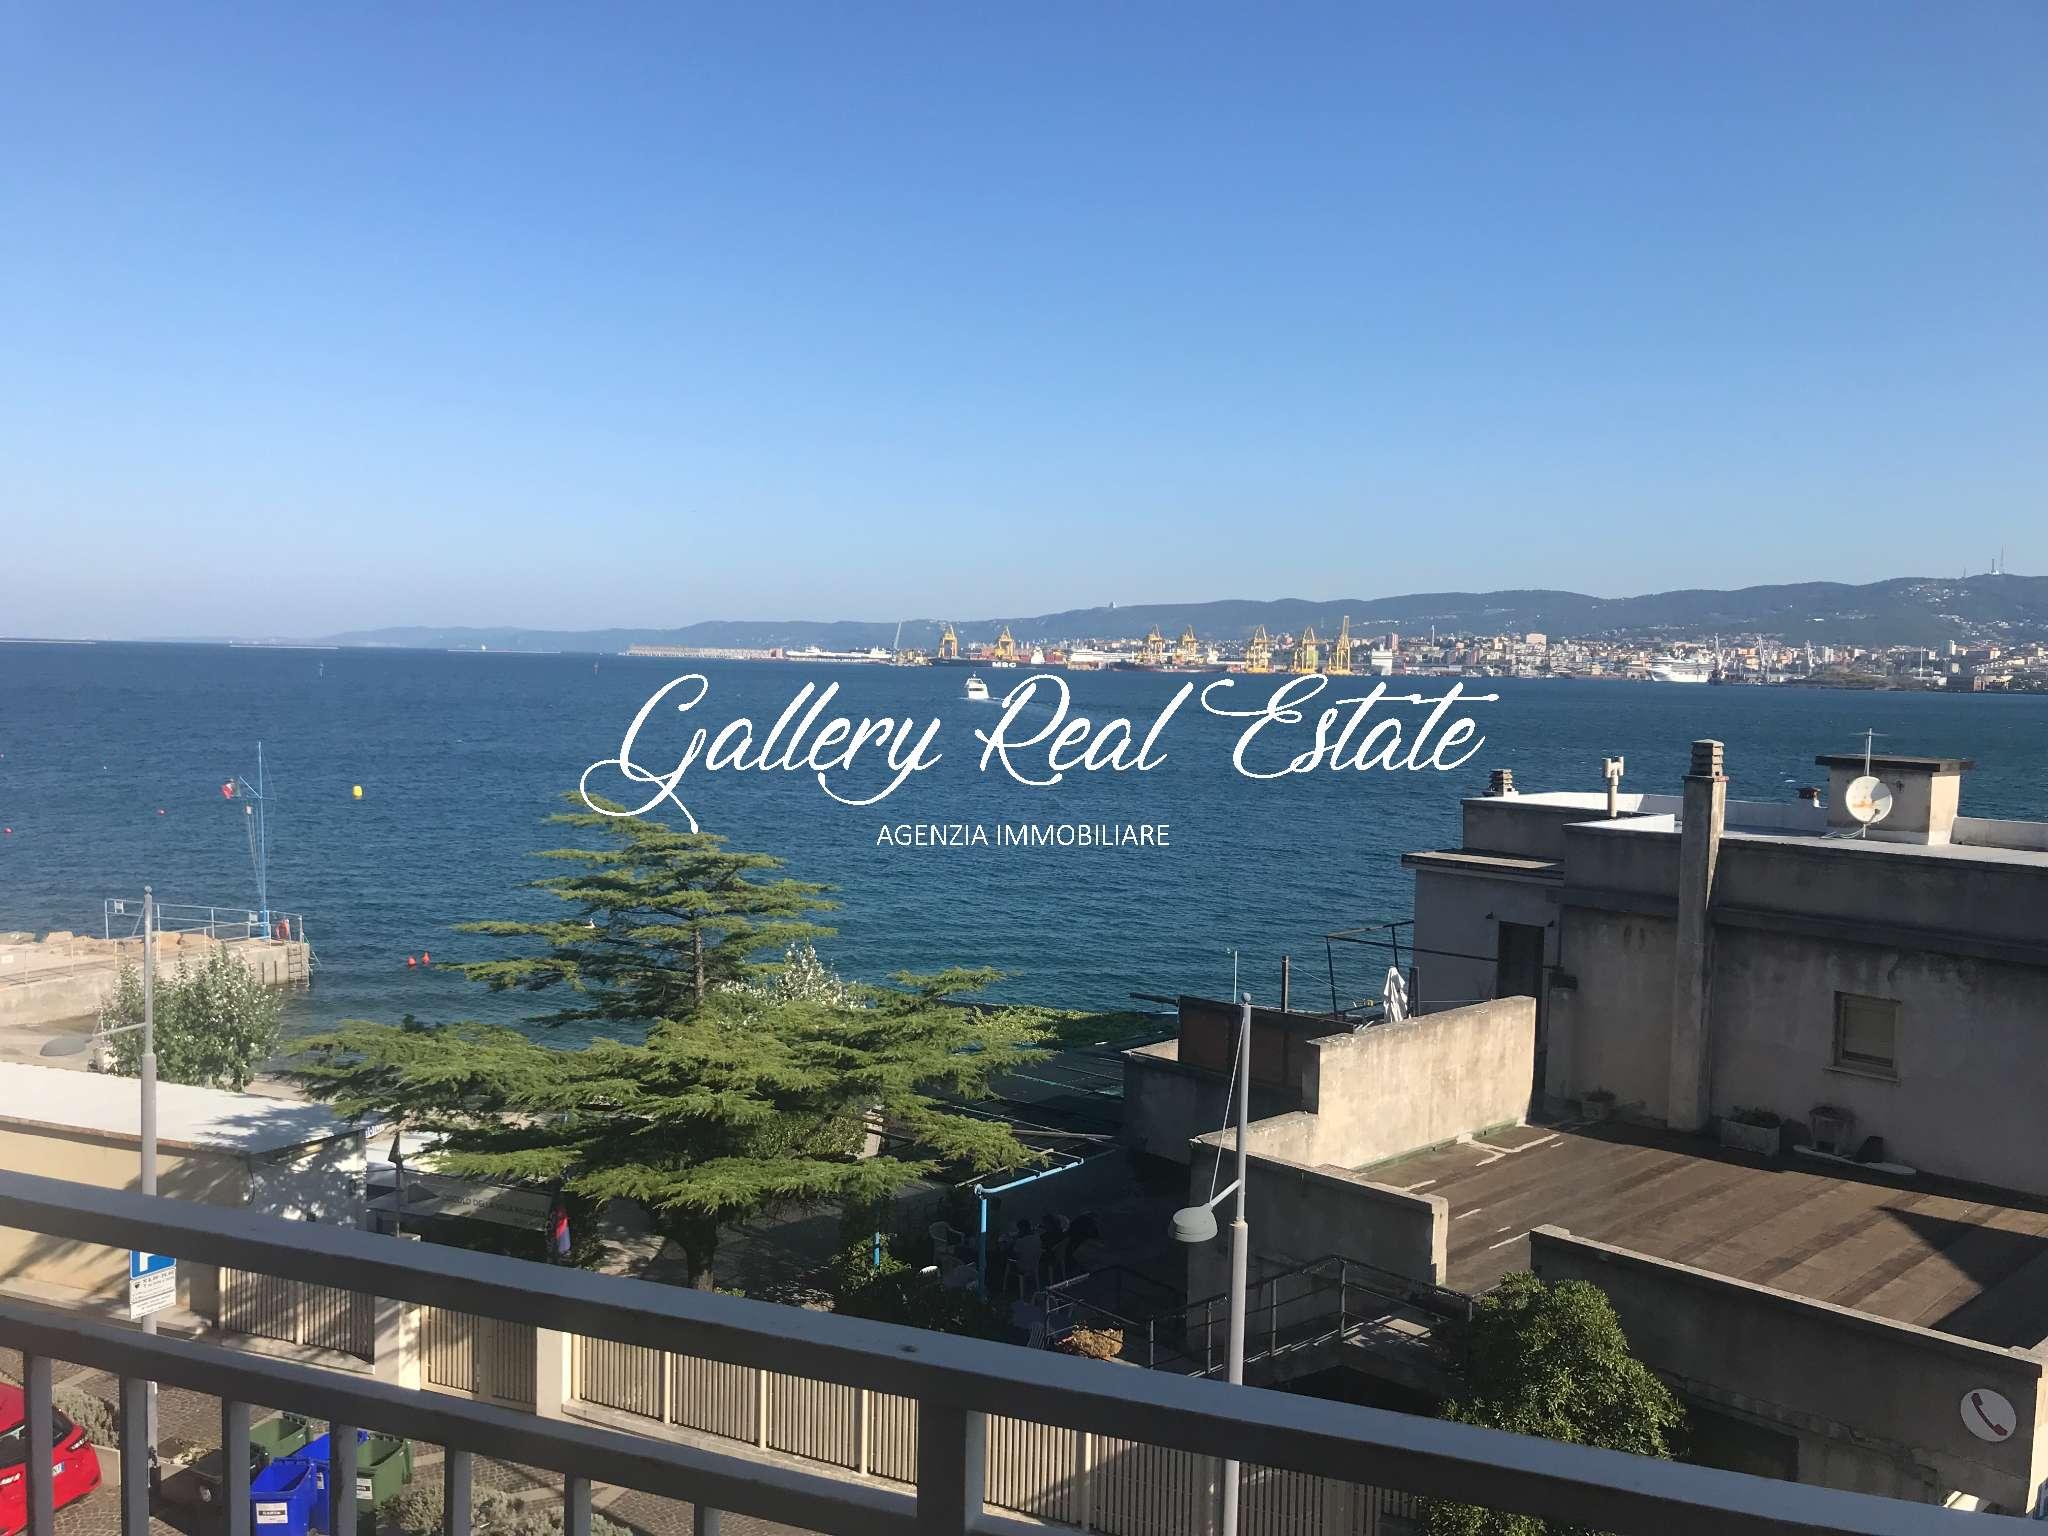 Appartamento in vendita a Muggia, 2 locali, prezzo € 170.000 | CambioCasa.it